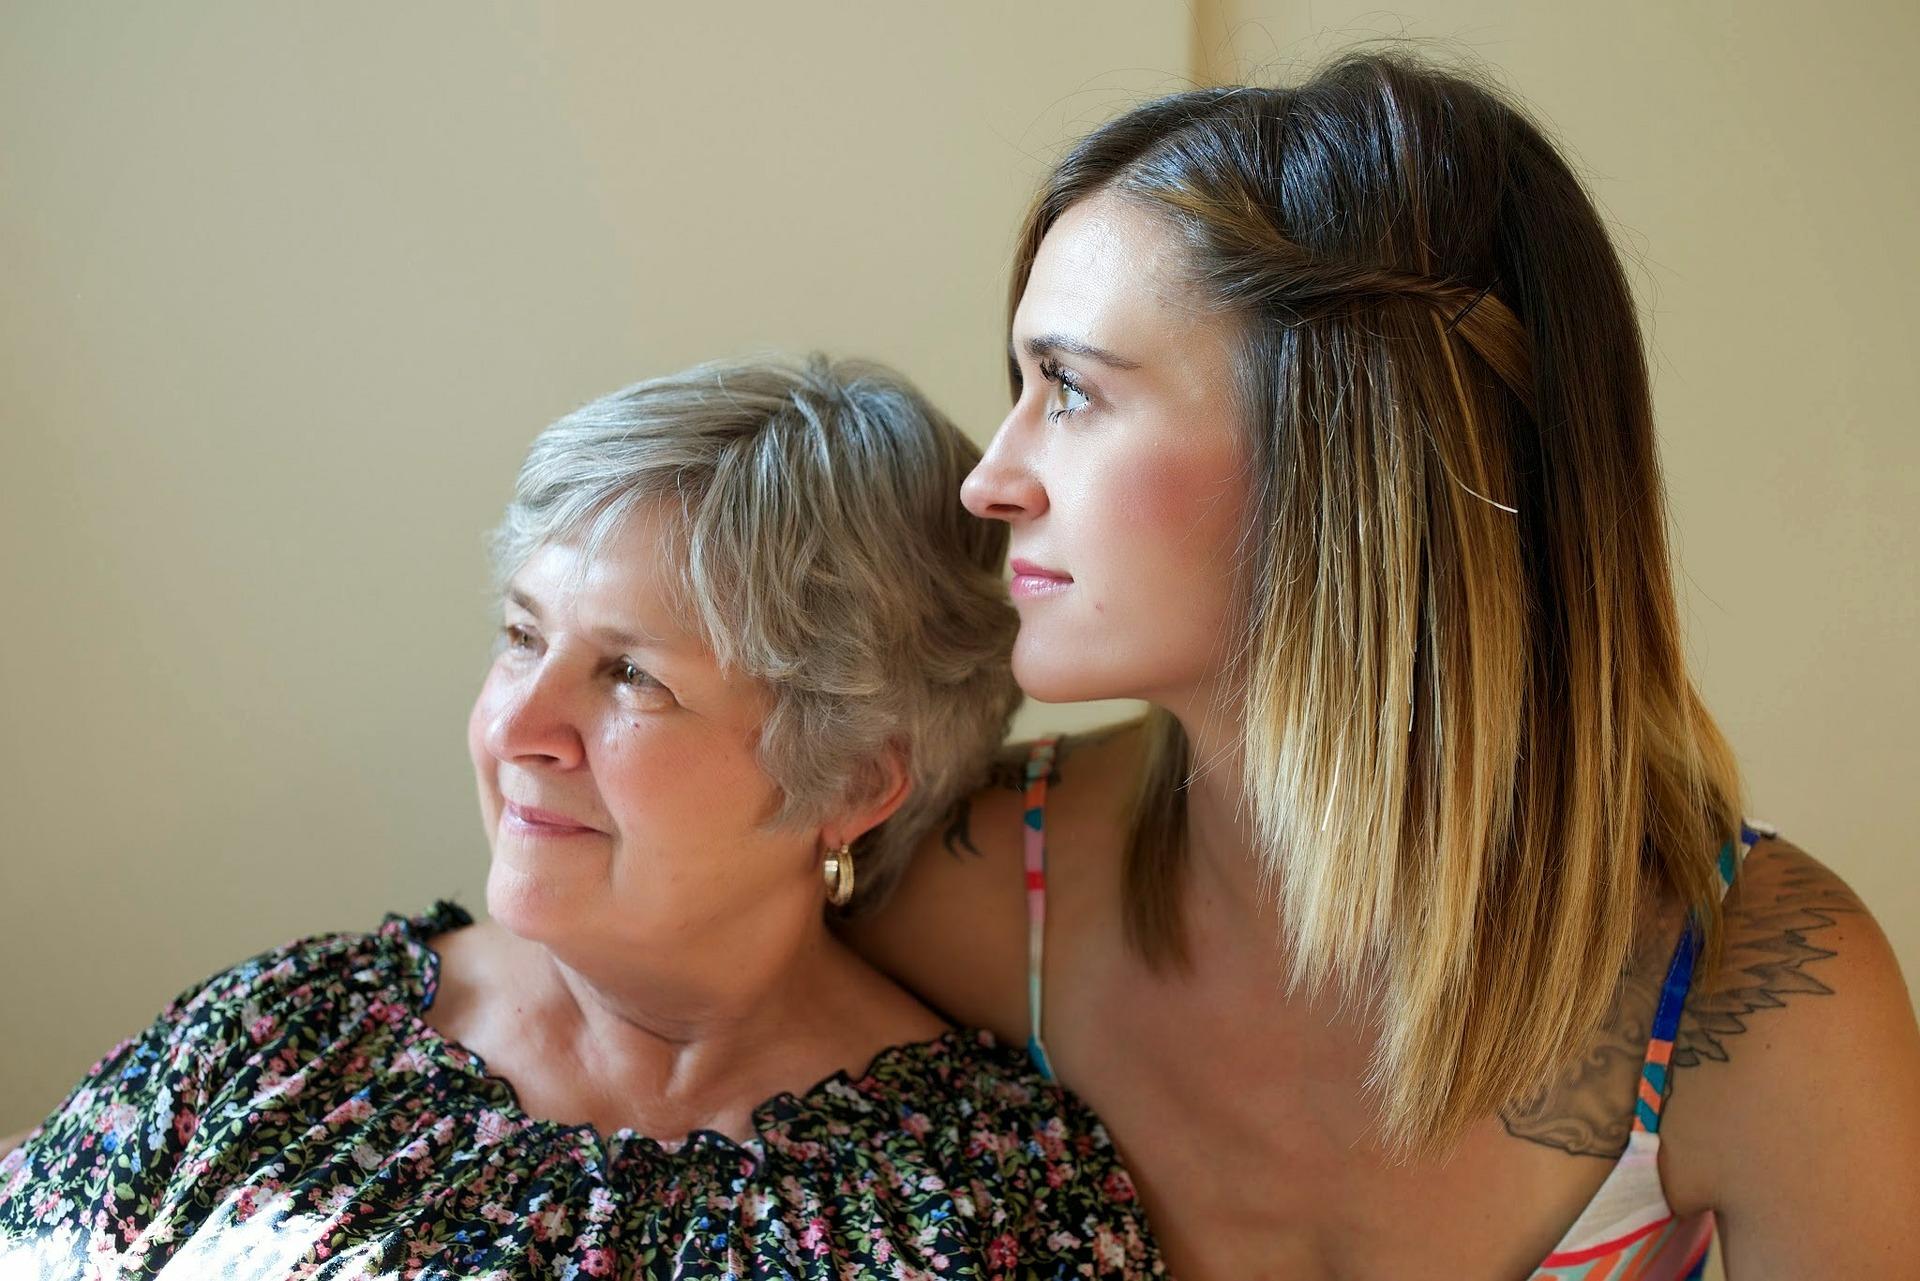 moeders-dochters-relatie-workshop-anita-van-rijn